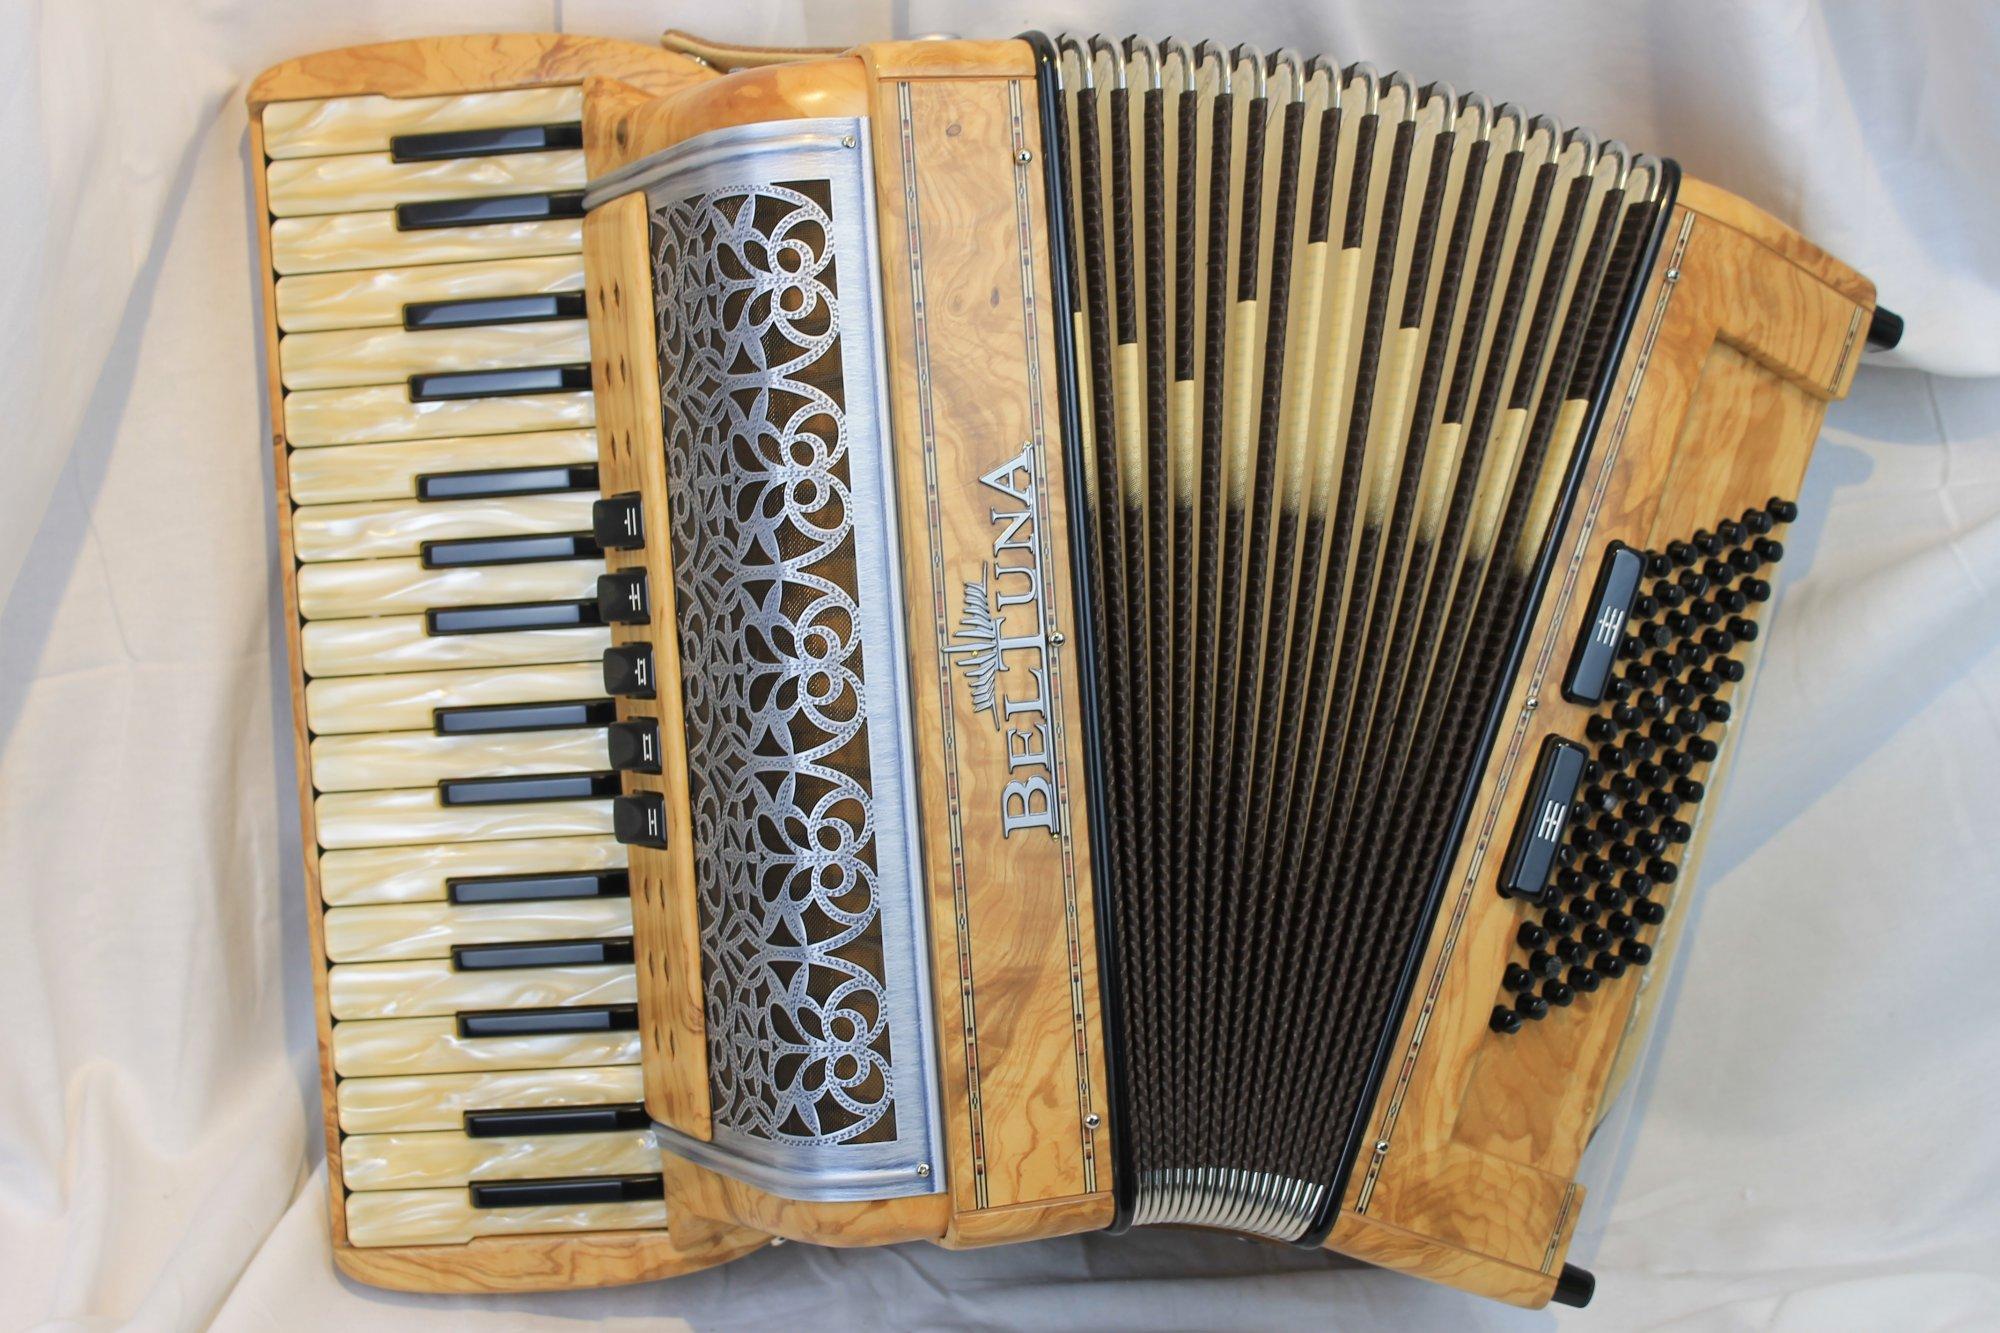 NEW Olive Ash Beltuna Alpstar III Piano Accordion LMM 34 72